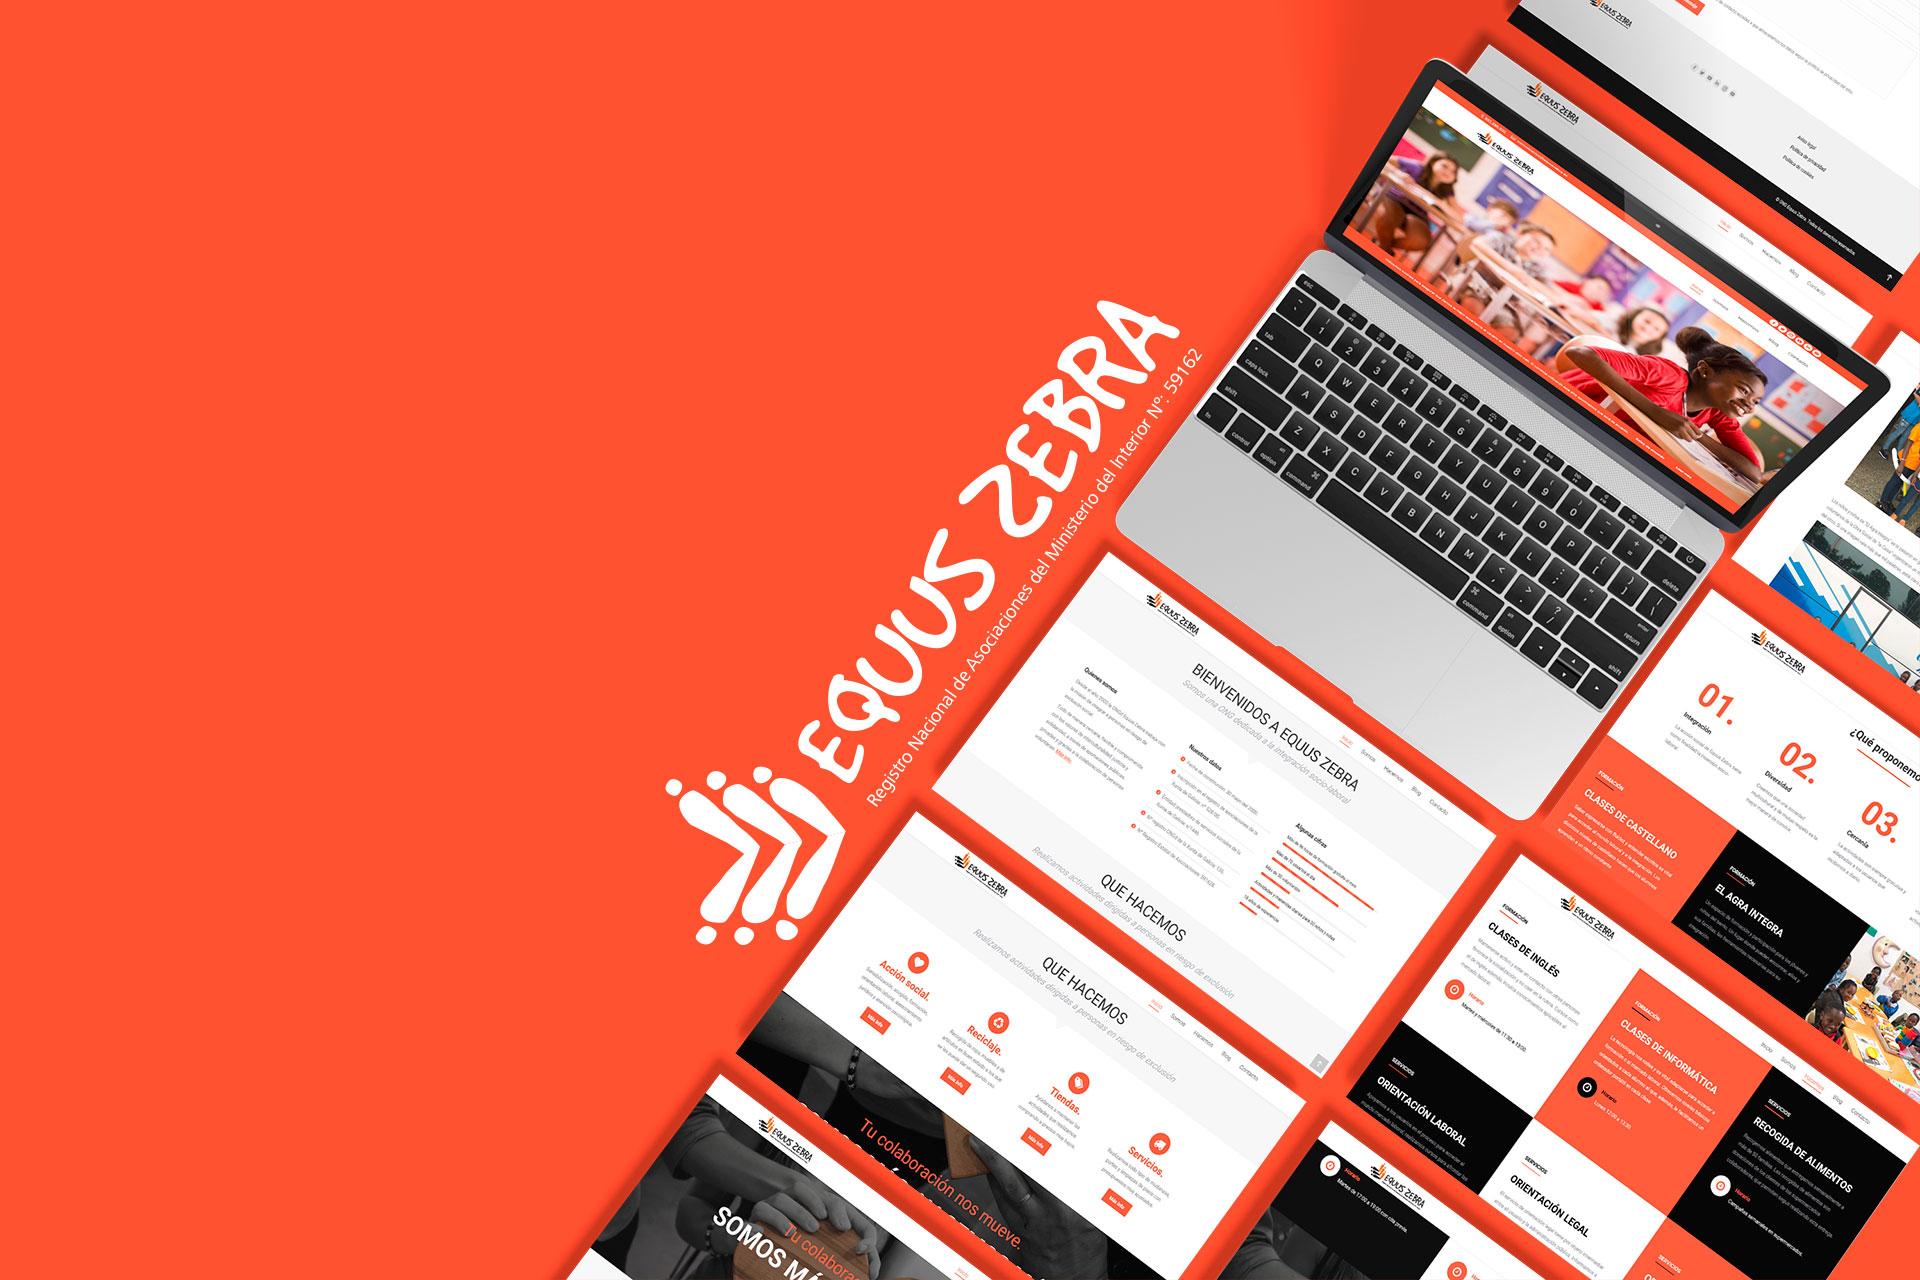 portada-blog-web-equus-zebra-2018-v9